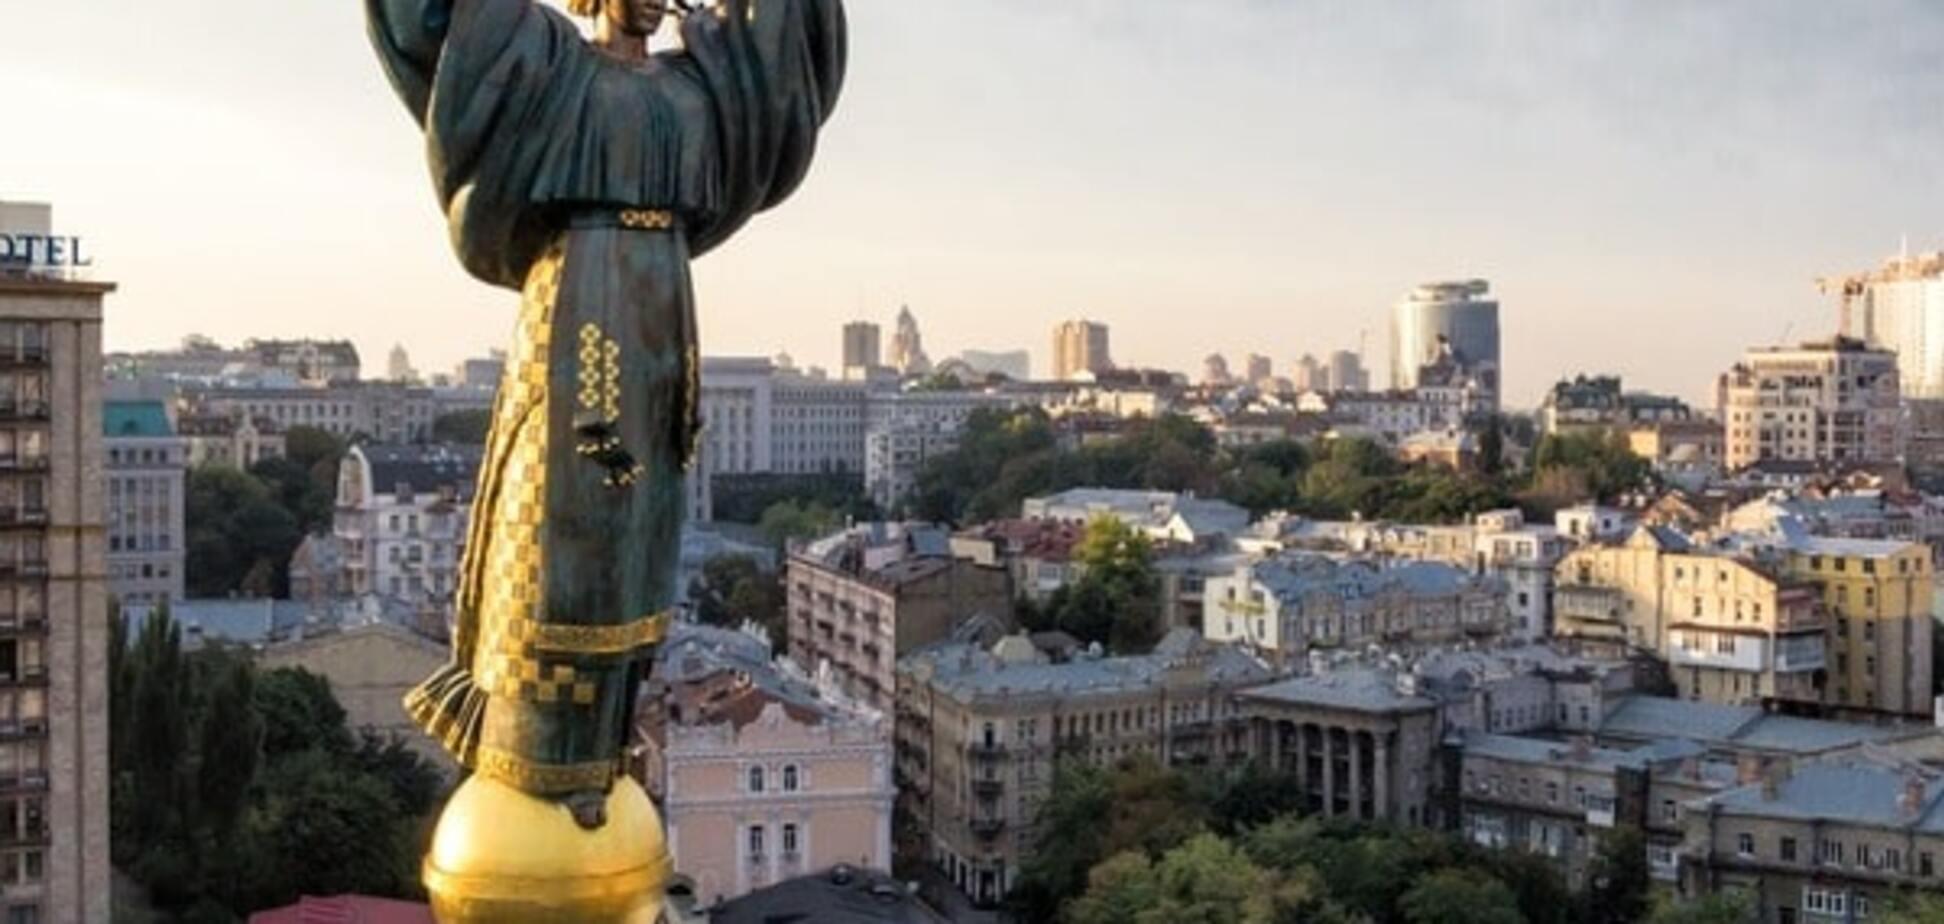 Час незалежності: шанс для України, щоб змінитися